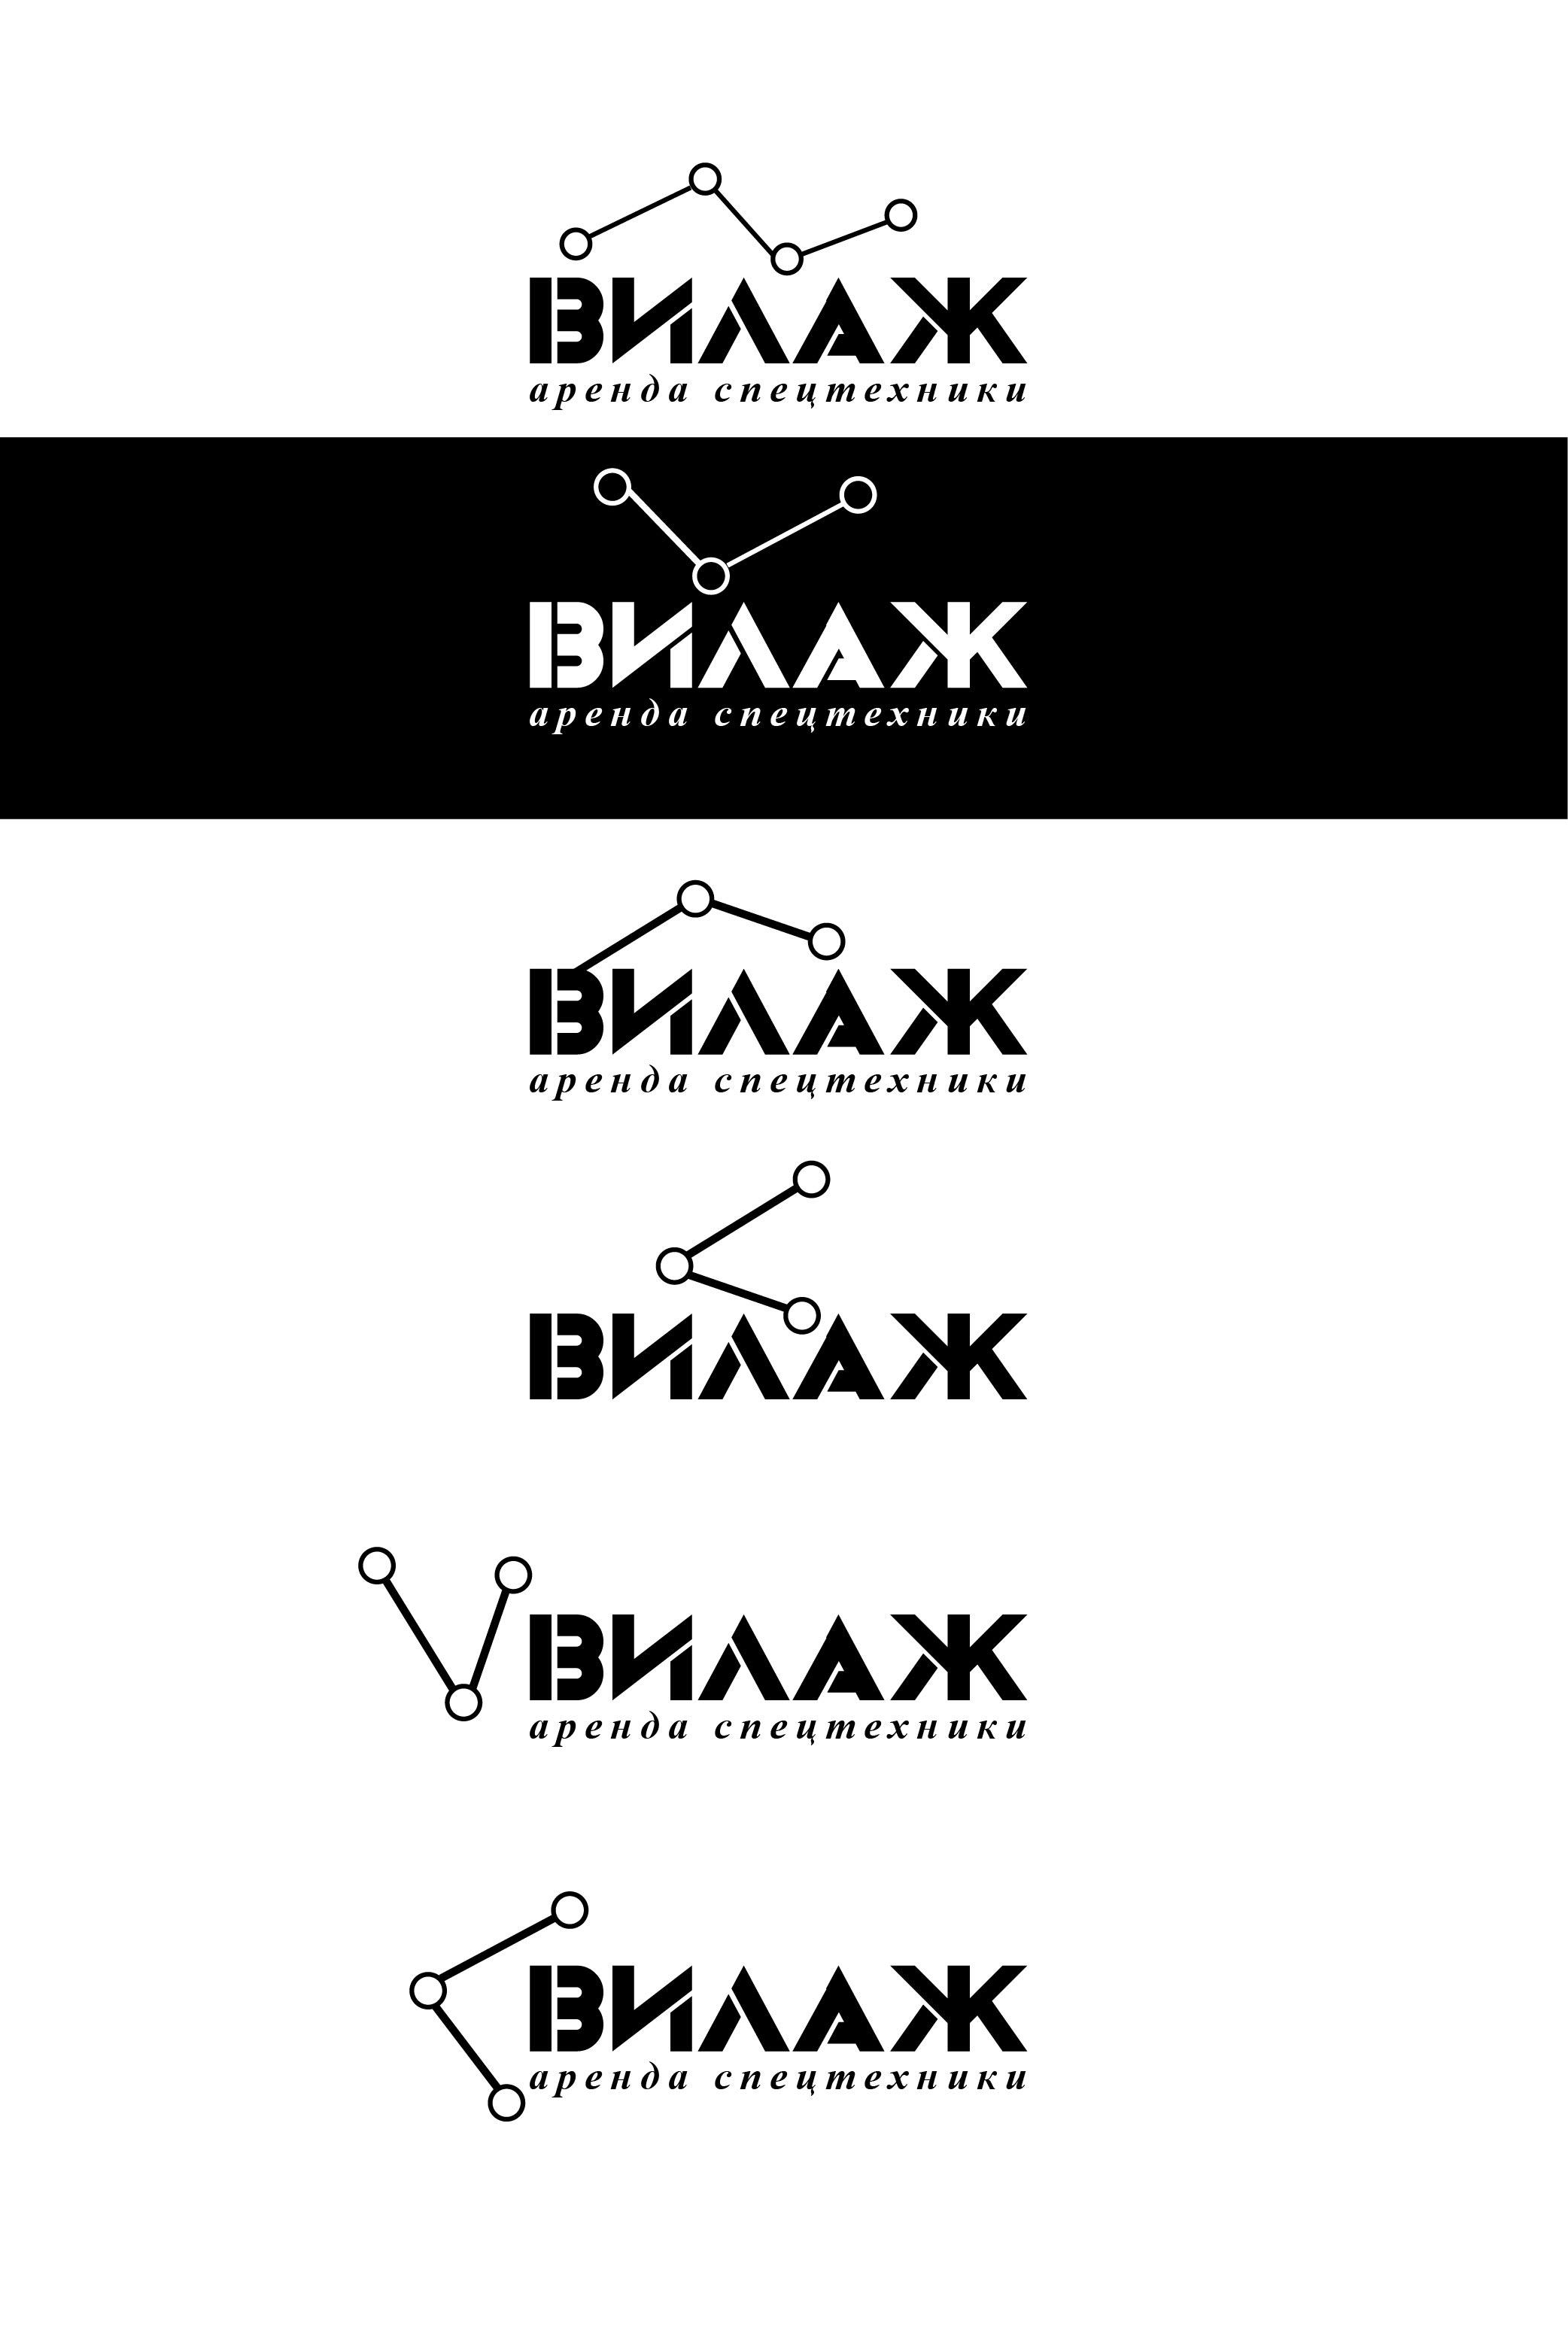 Логотип для компании по аренде спец.техники фото f_009598f0a70caac7.jpg